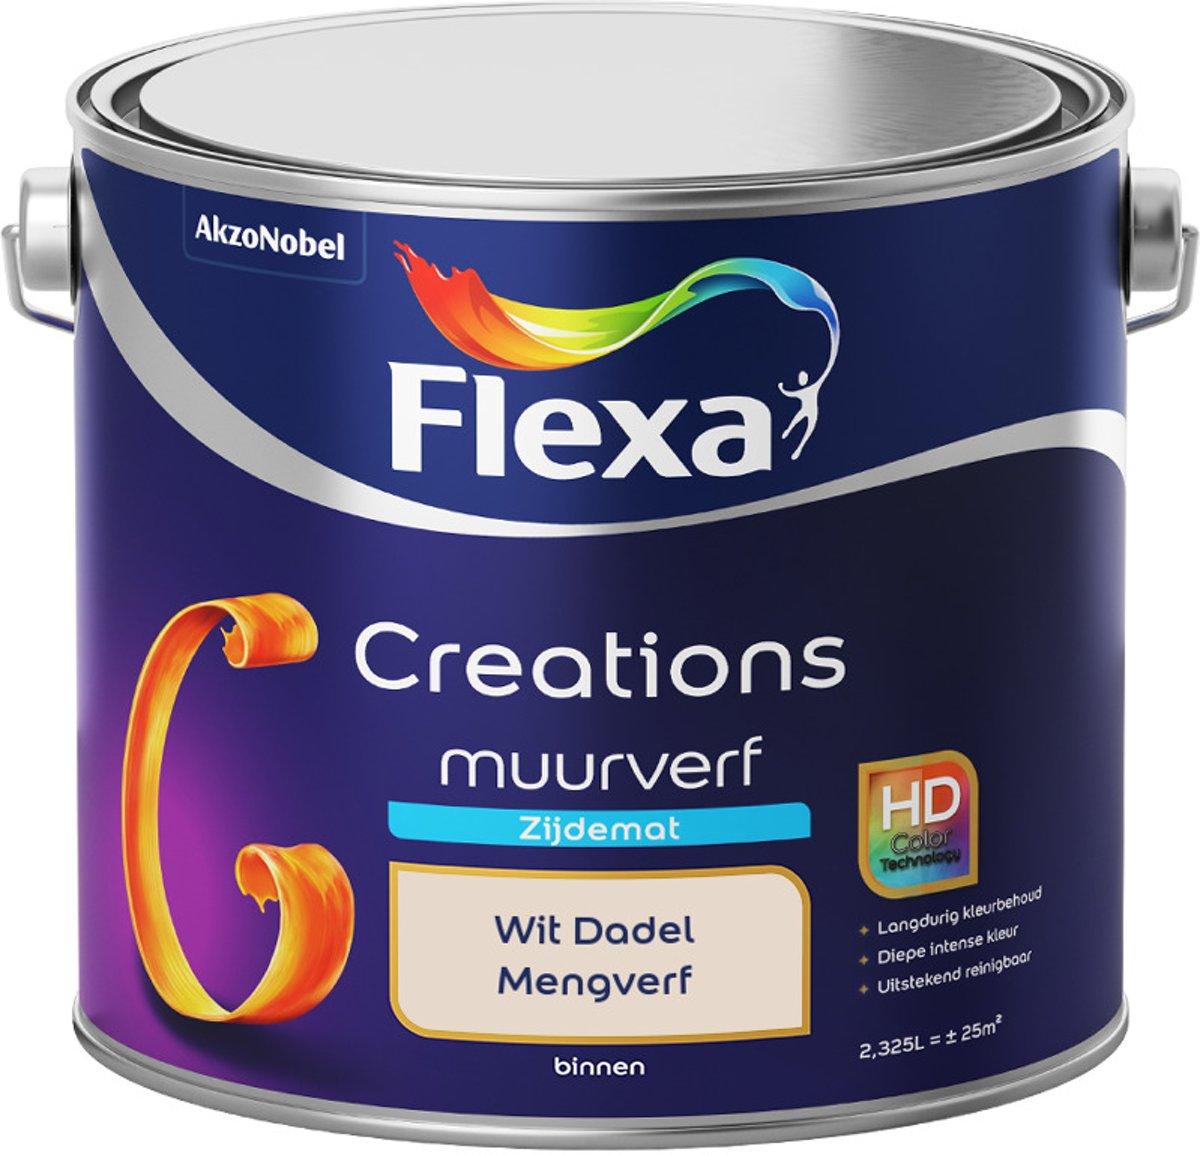 Flexa Creations - Muurverf Zijde Mat - Mengkleuren Collectie - Wit Dadel  - 2,5 liter